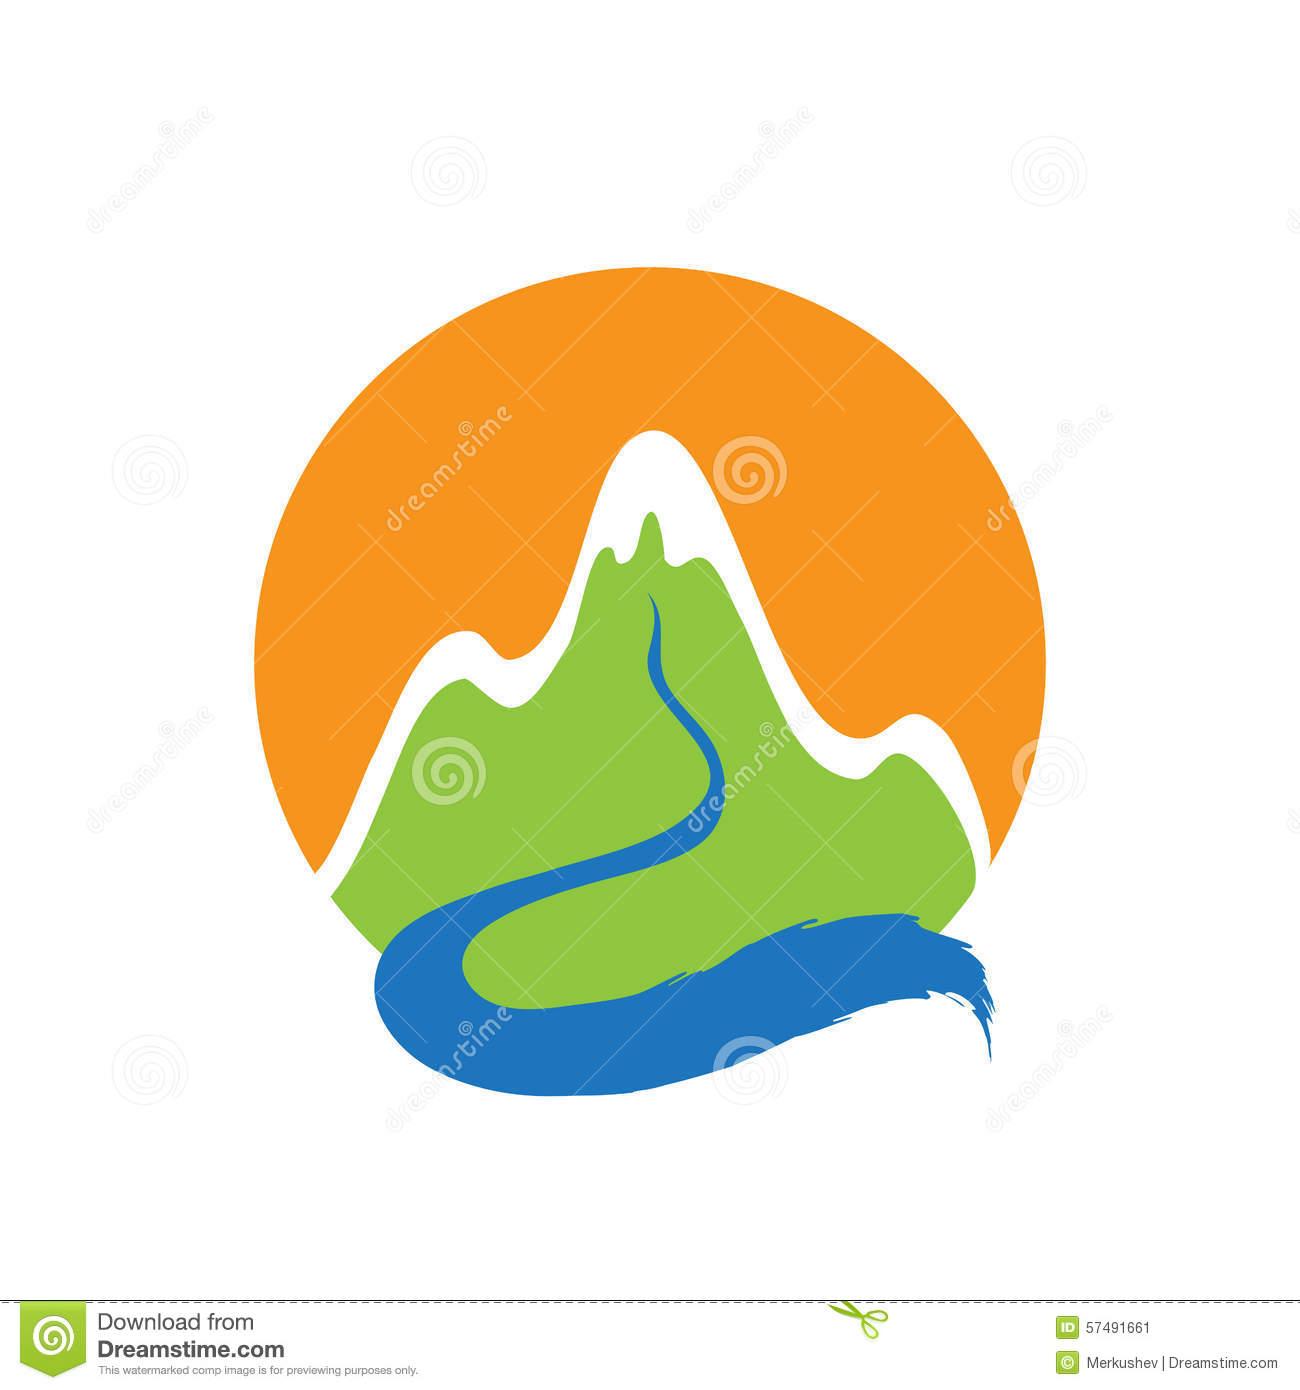 River logo clipart vector free stock Mountain And River, Vector Logo Stock Vector - Image: 57491661 vector free stock